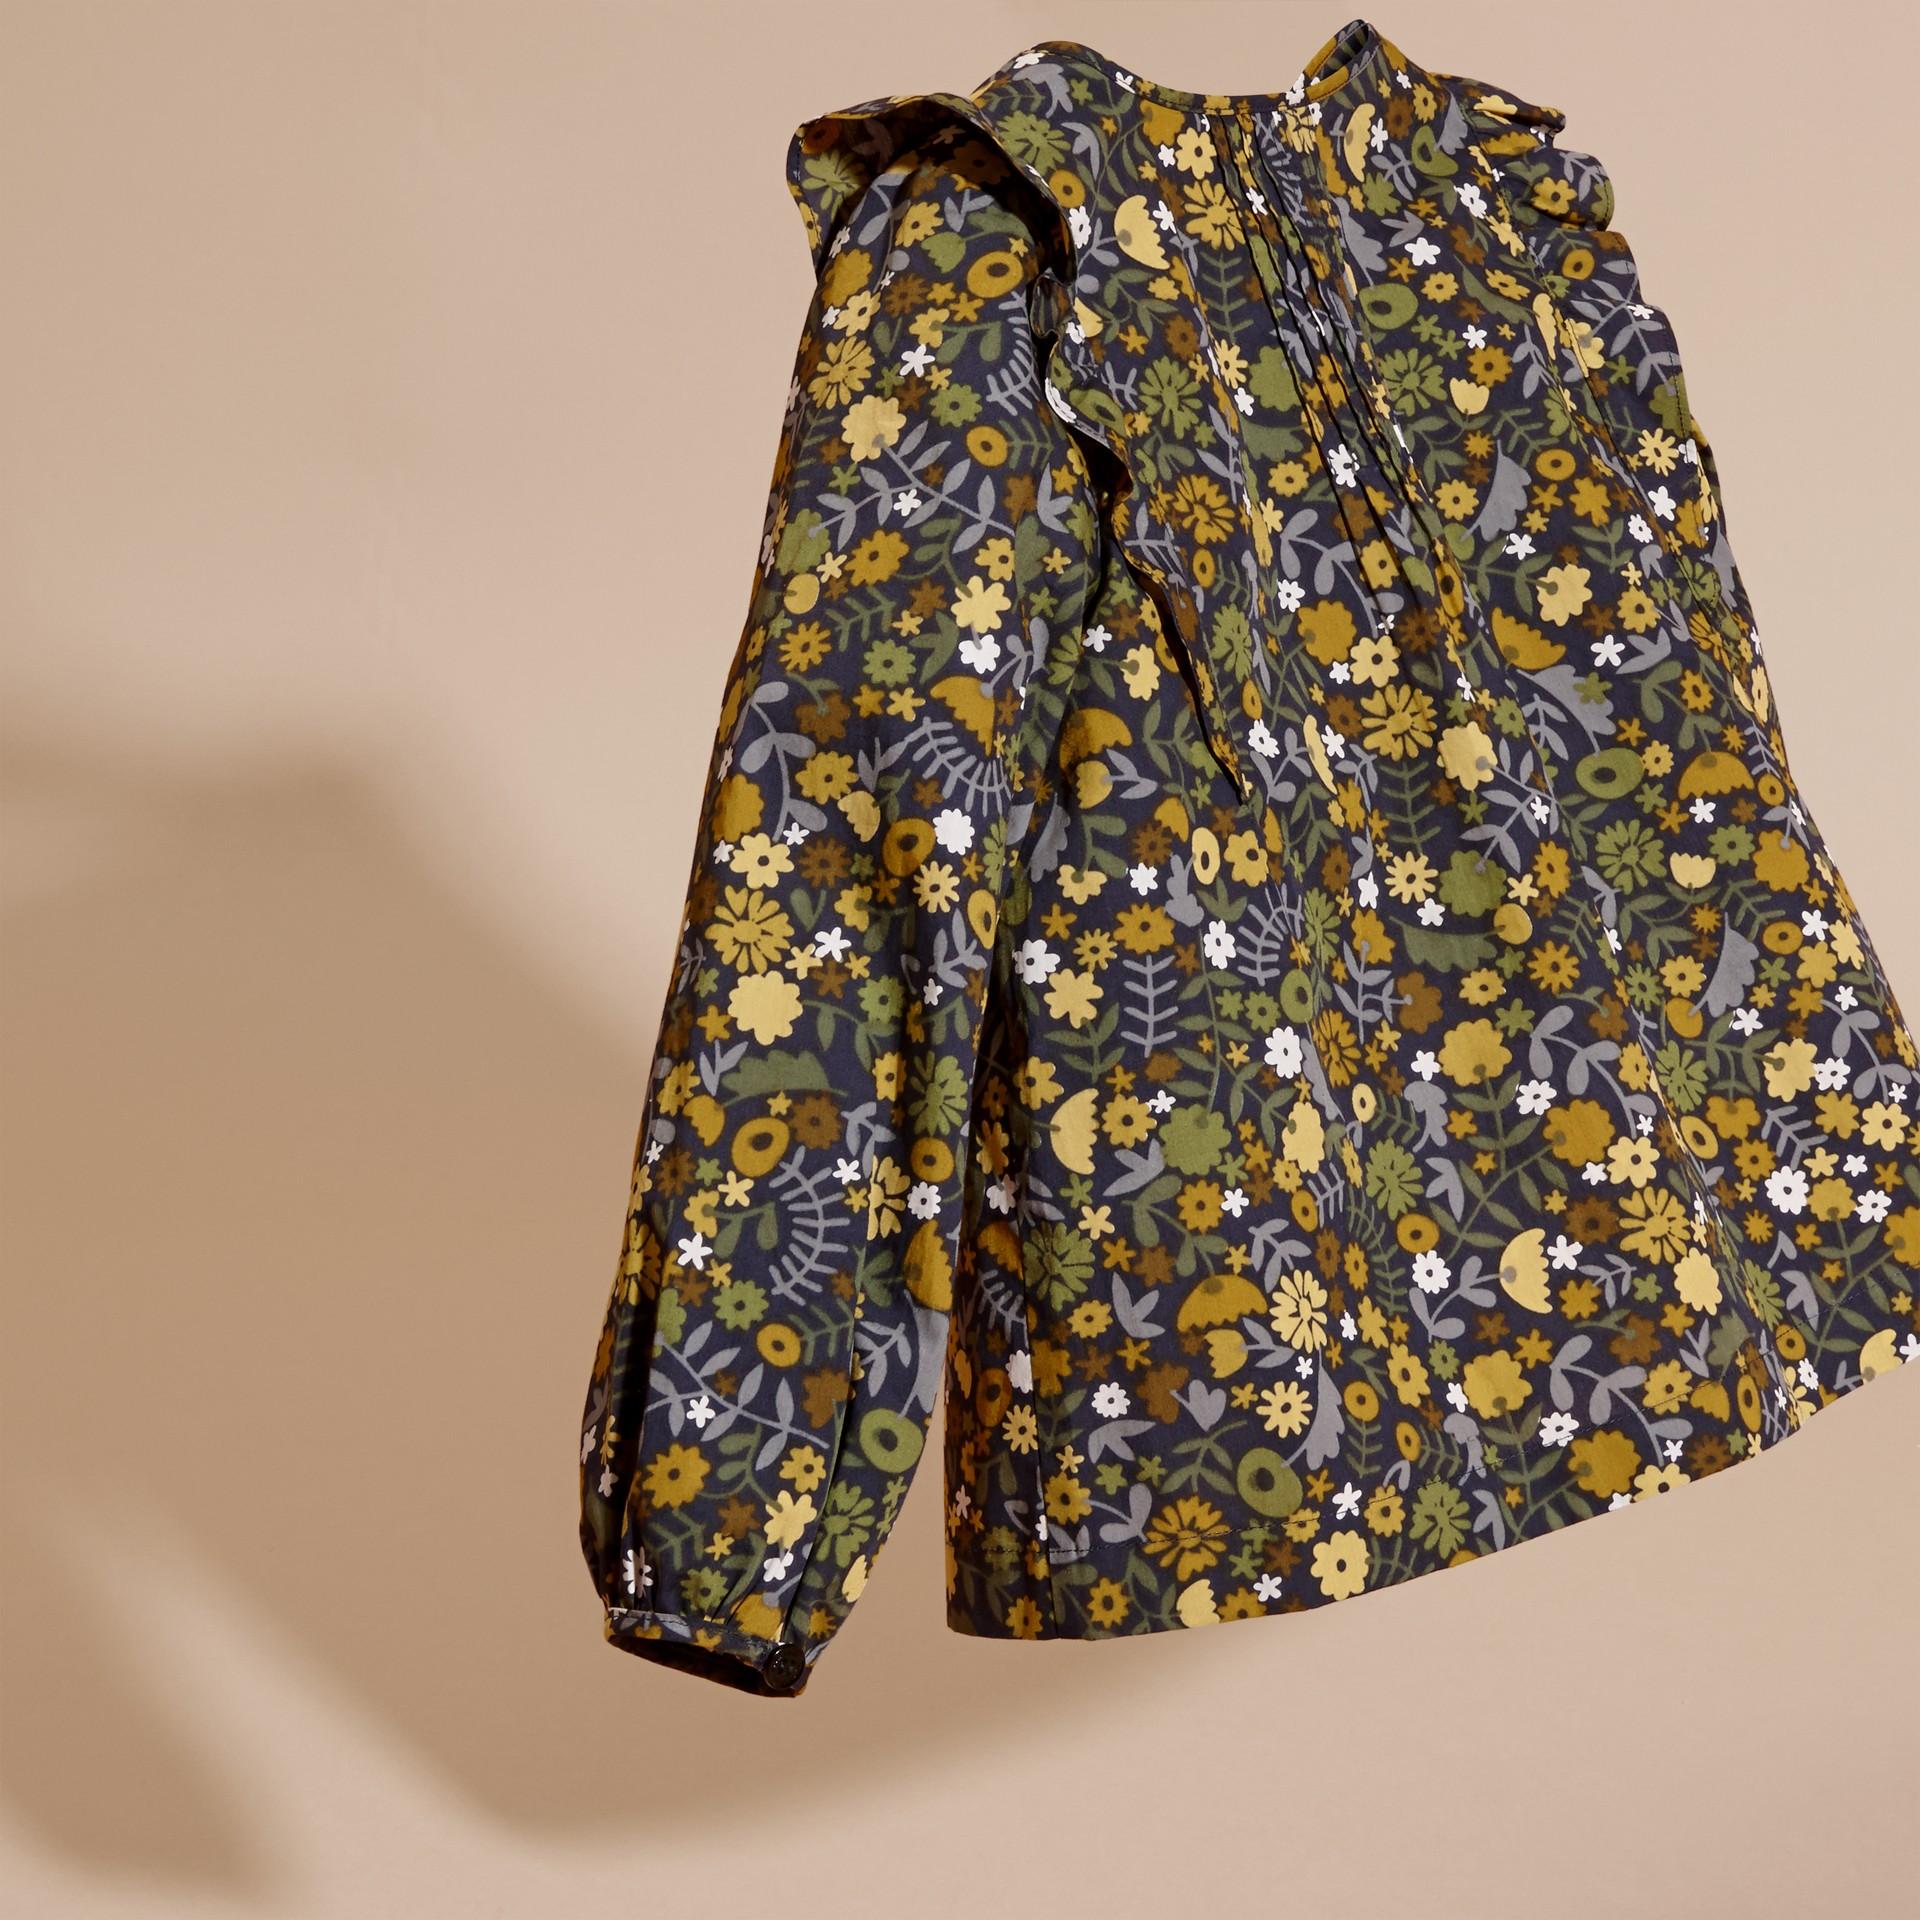 ダスティシトリン フローラルプリント コットンシャツ ウィズ ラッフルディテール ダスティシトリン - ギャラリーイメージ 4